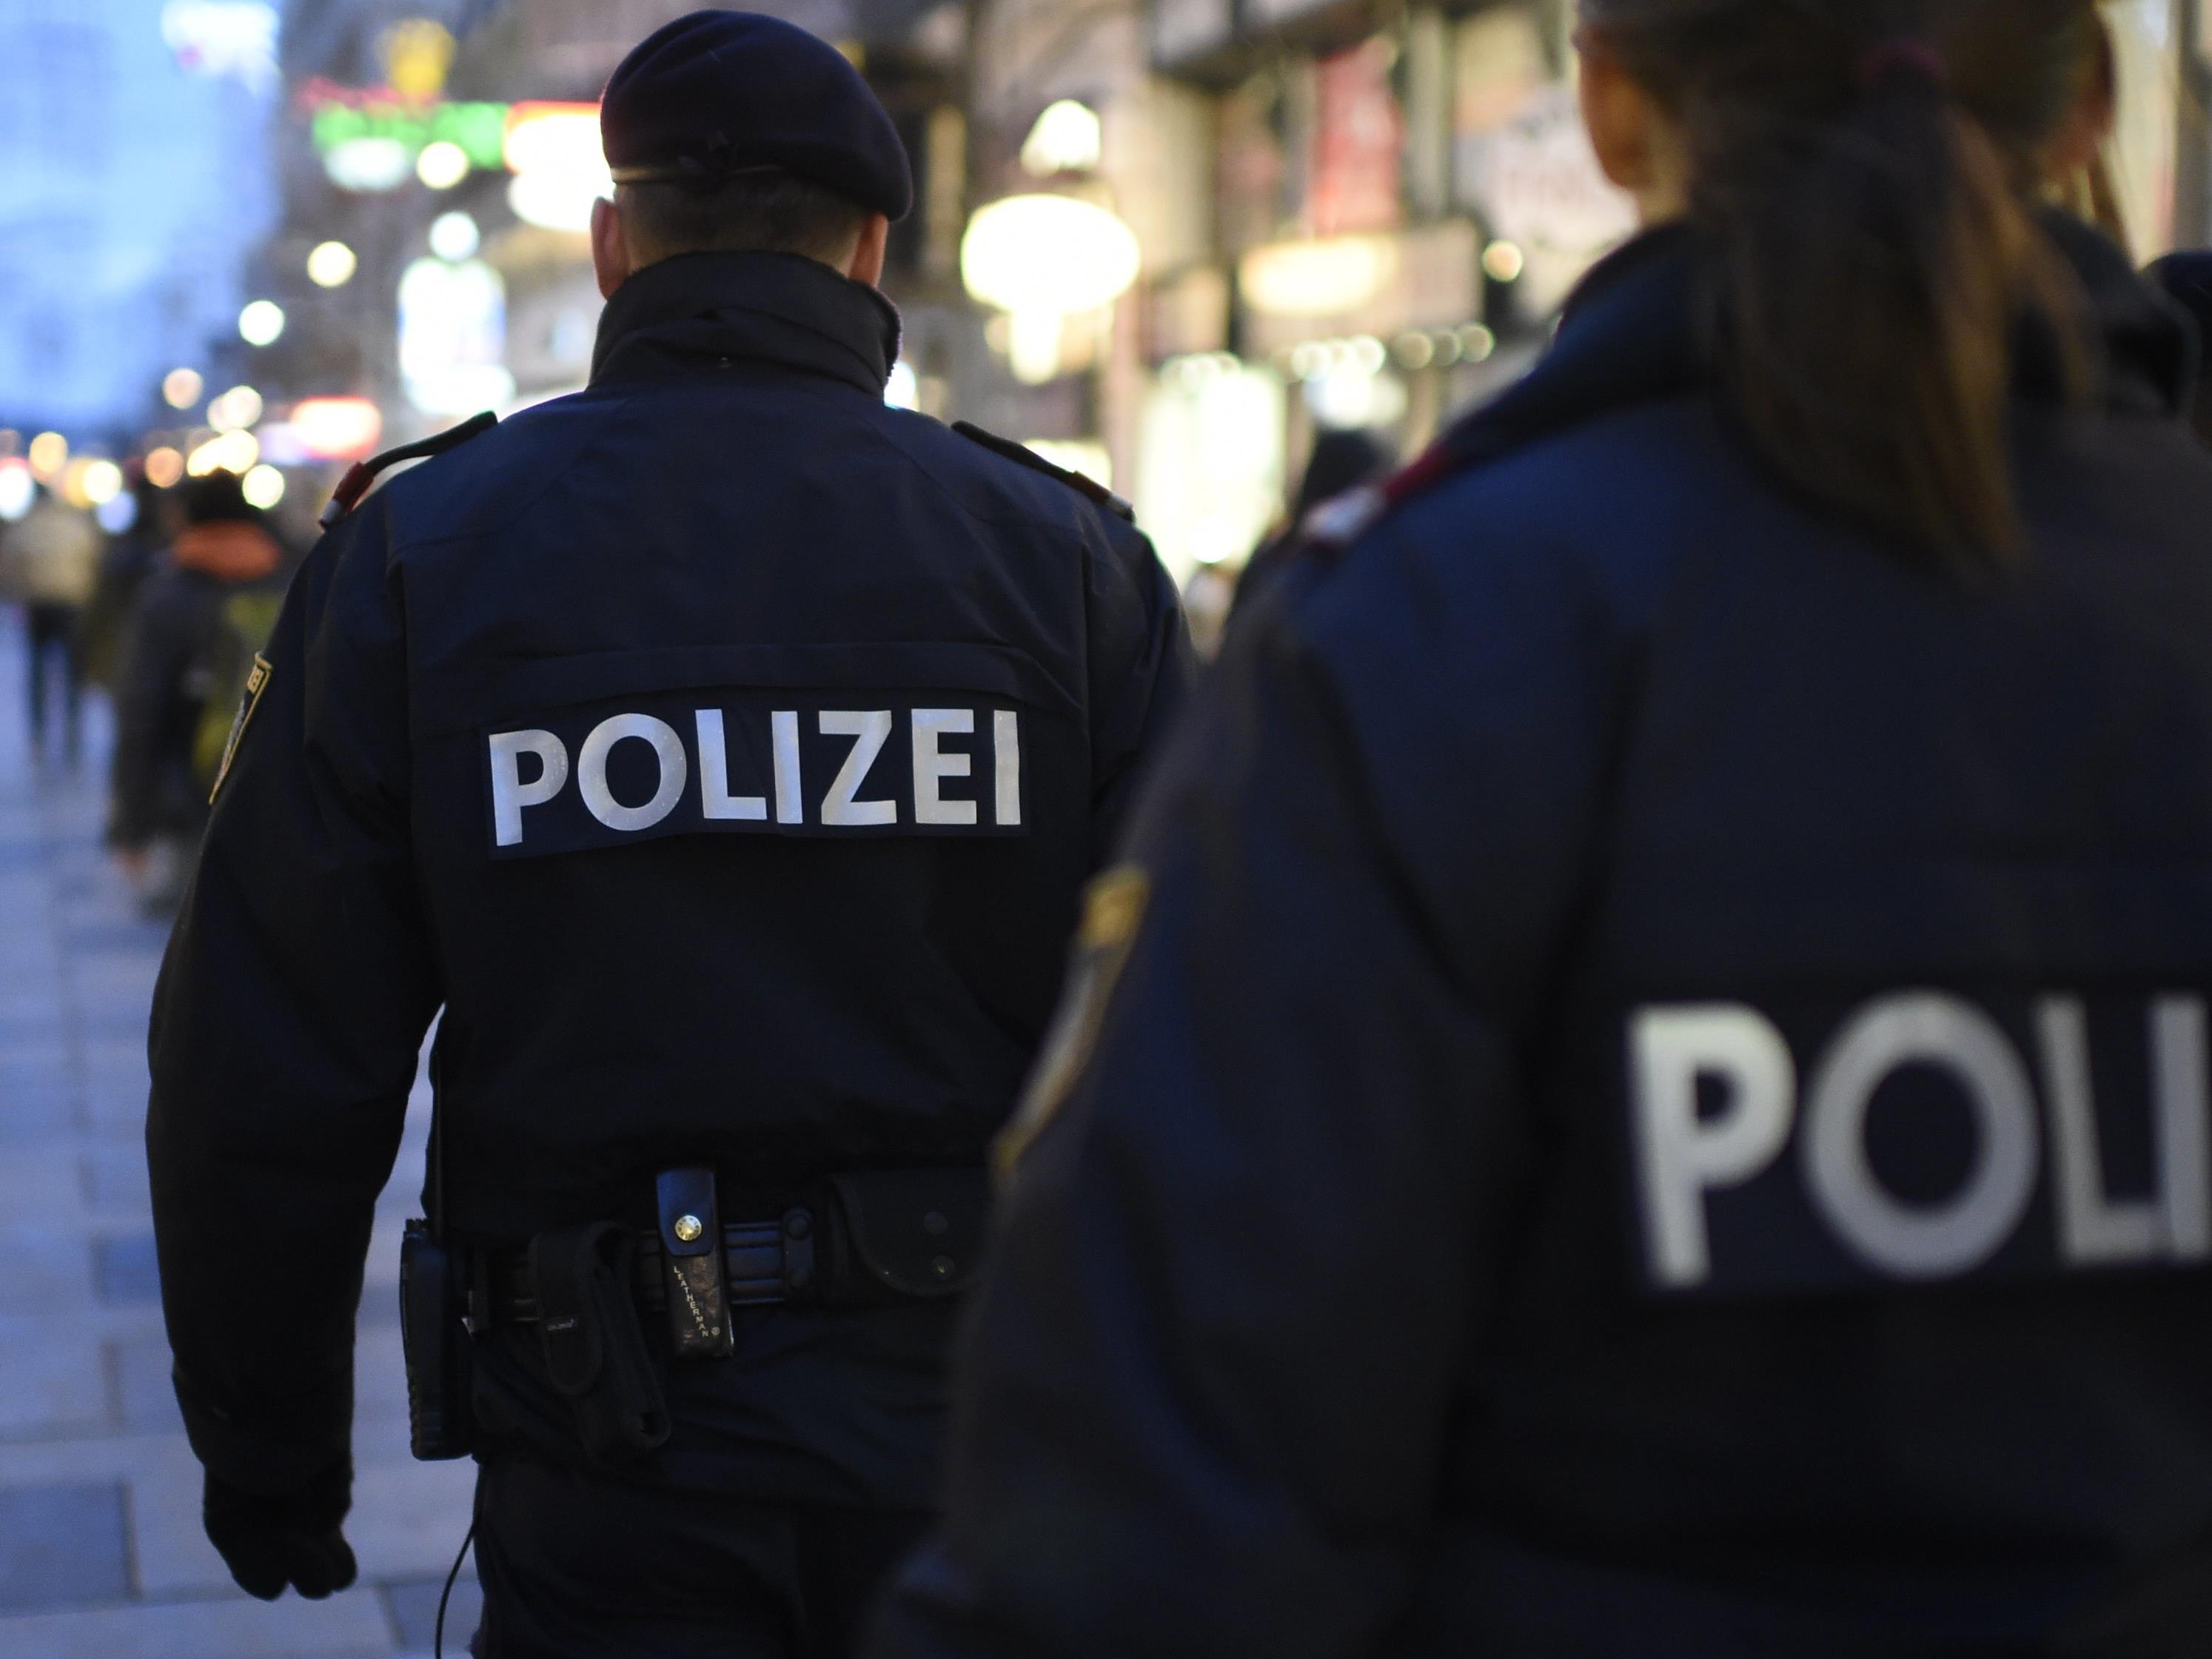 Zwei Diebe konnte in Vösendorf von der Polizei festgenommen werden